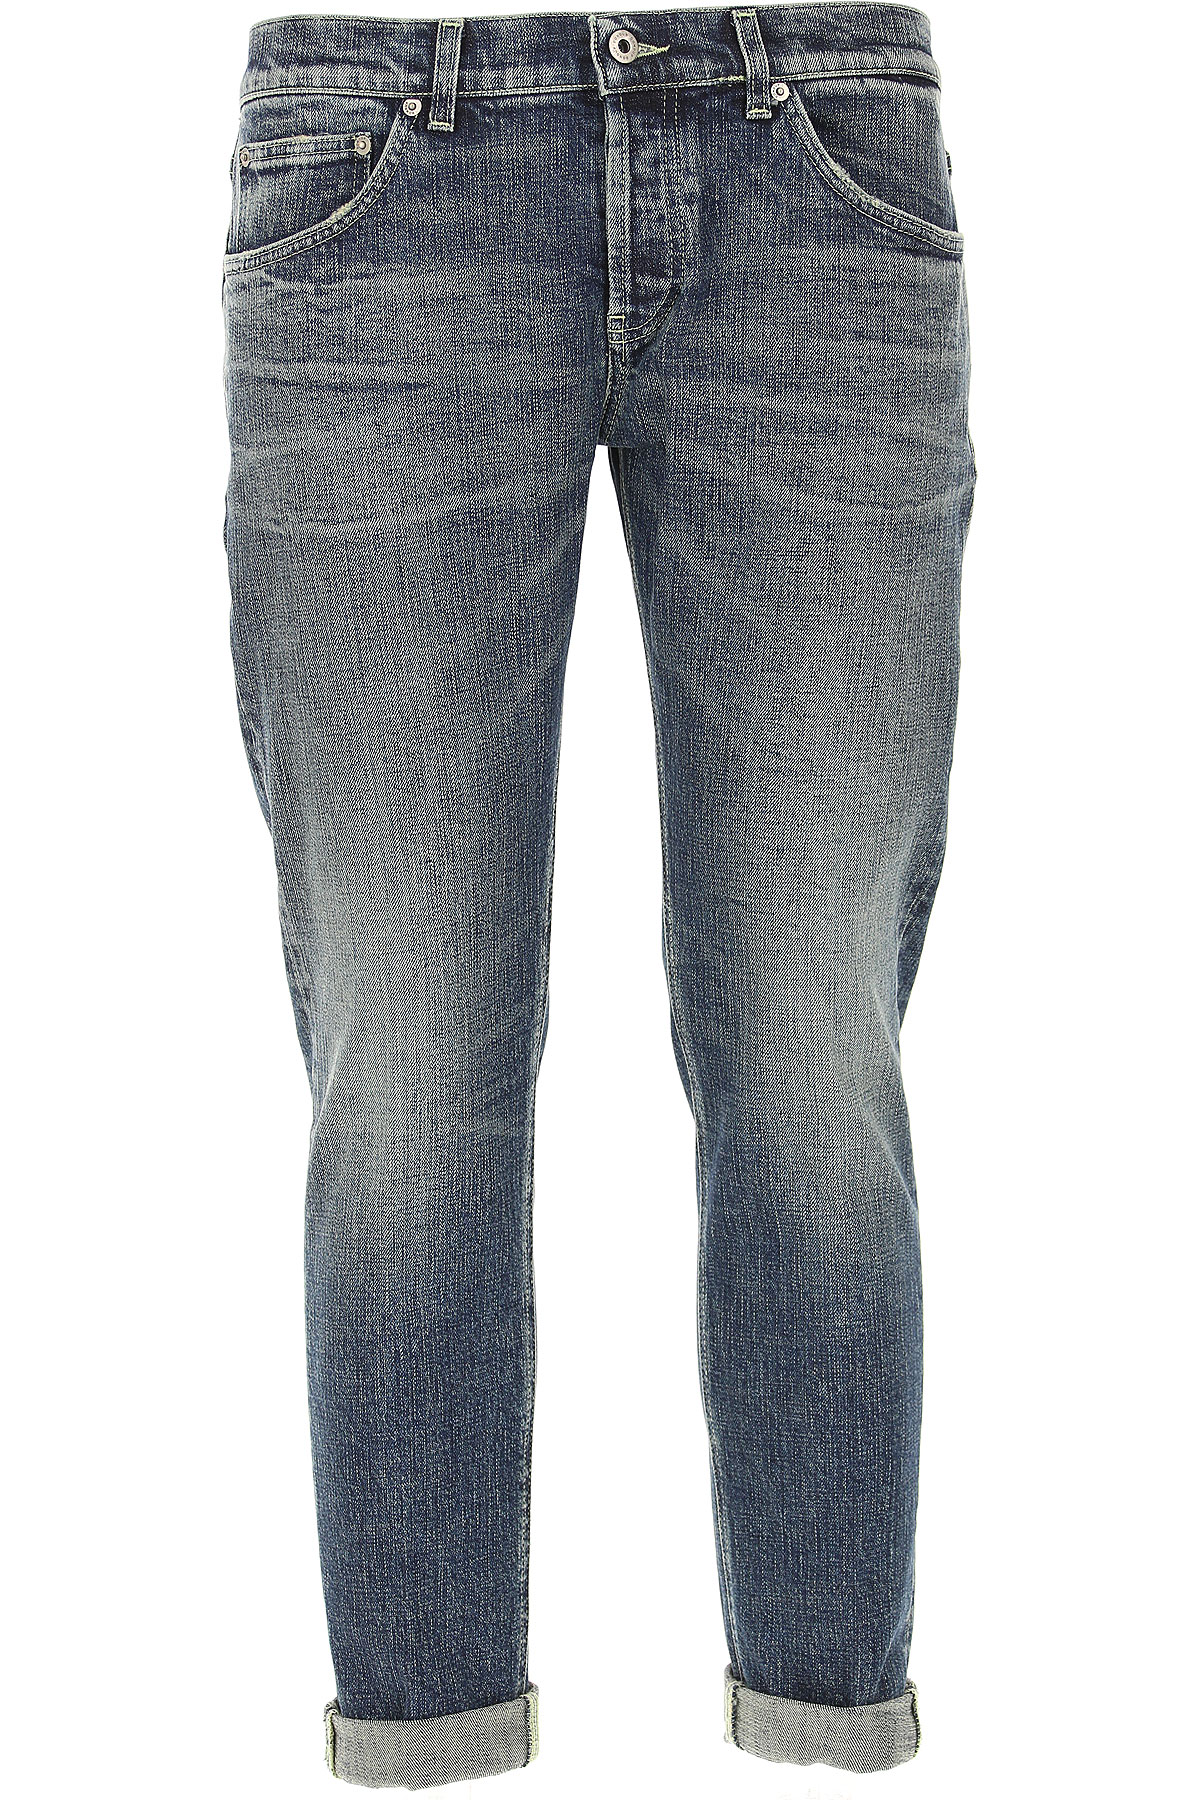 Dondup Jeans On Sale, Denim Blue, Cotton, 2017, 31 32 35 36 38